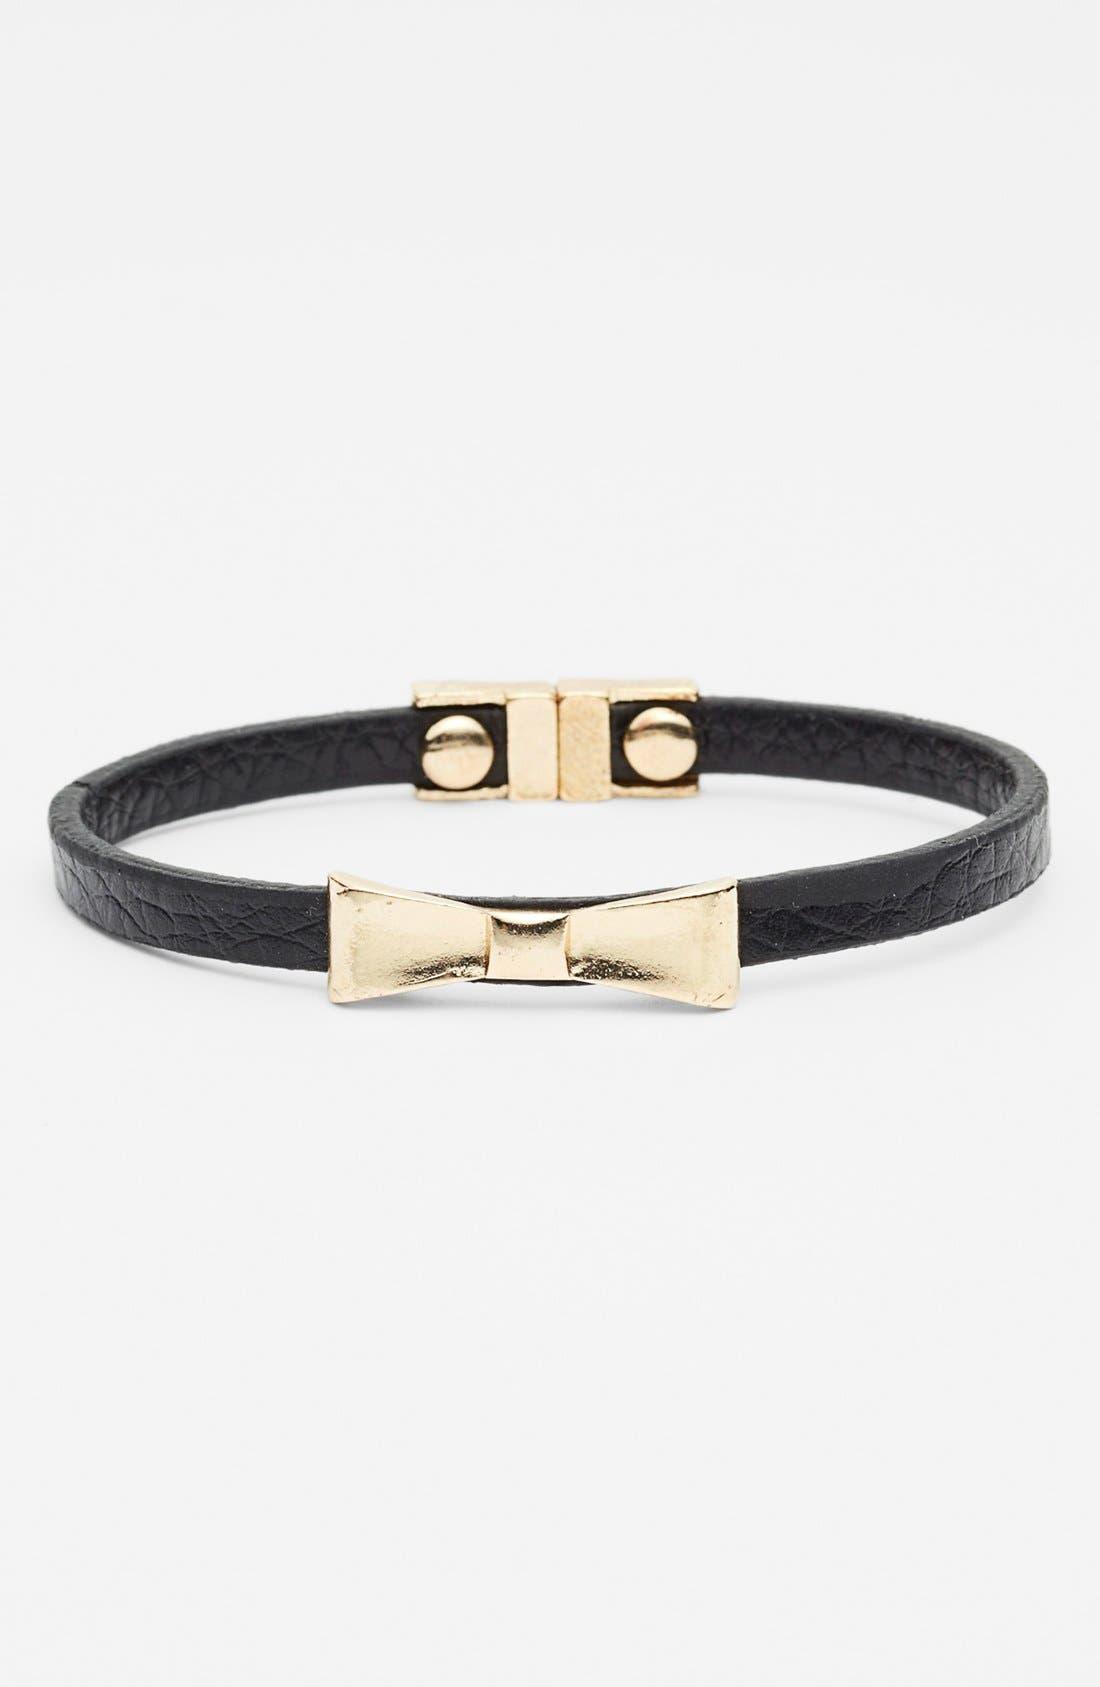 CAROLE, Bow Faux Leather Bracelet, Main thumbnail 1, color, 005